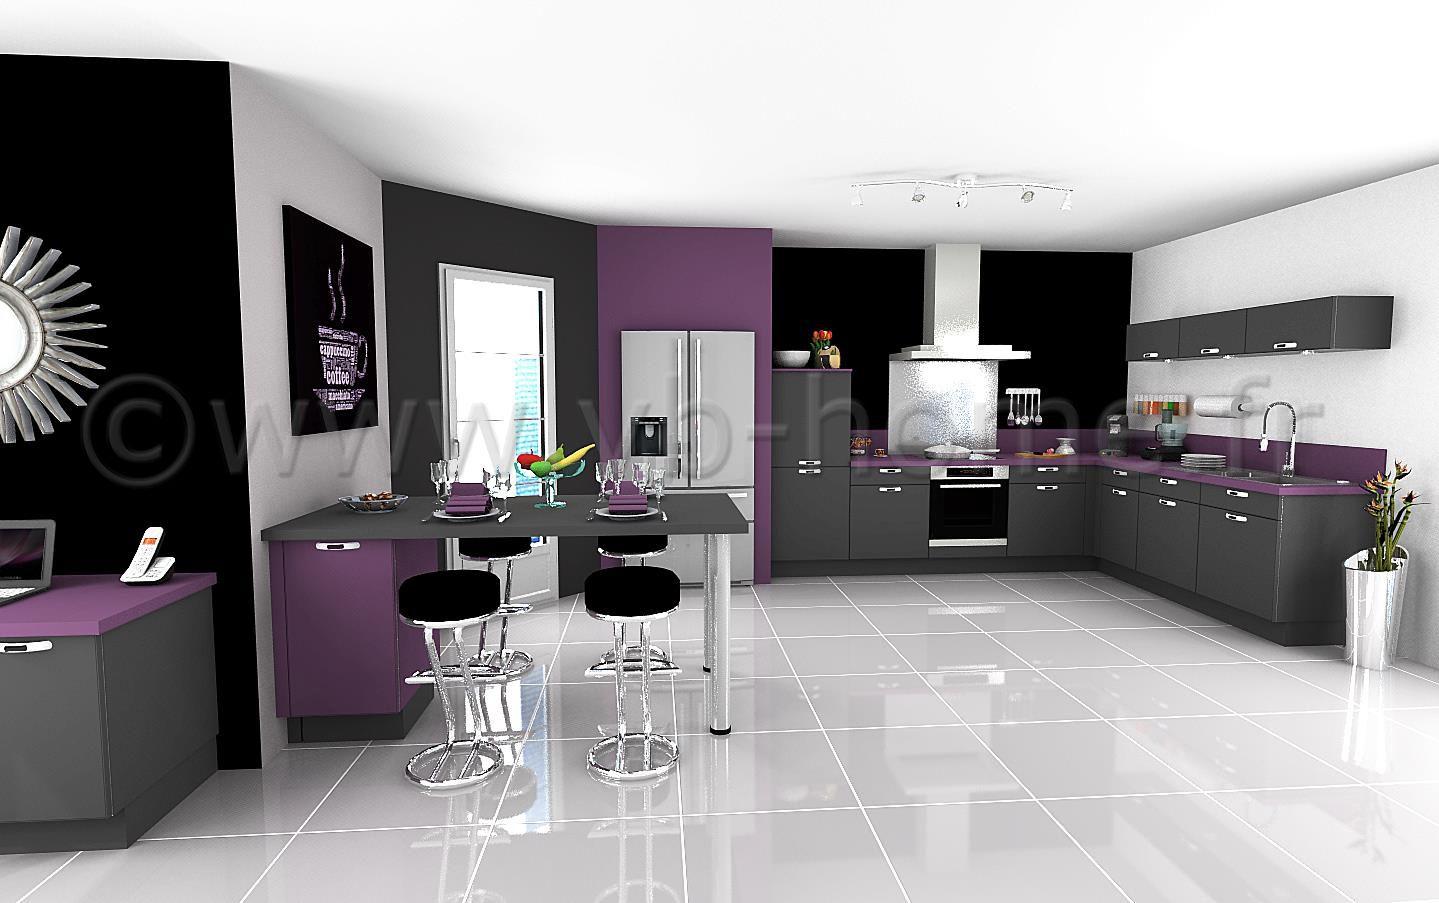 Cuisine Blanc Gris Violet grande cuisine ouverte, moderne avec façades gris/violet